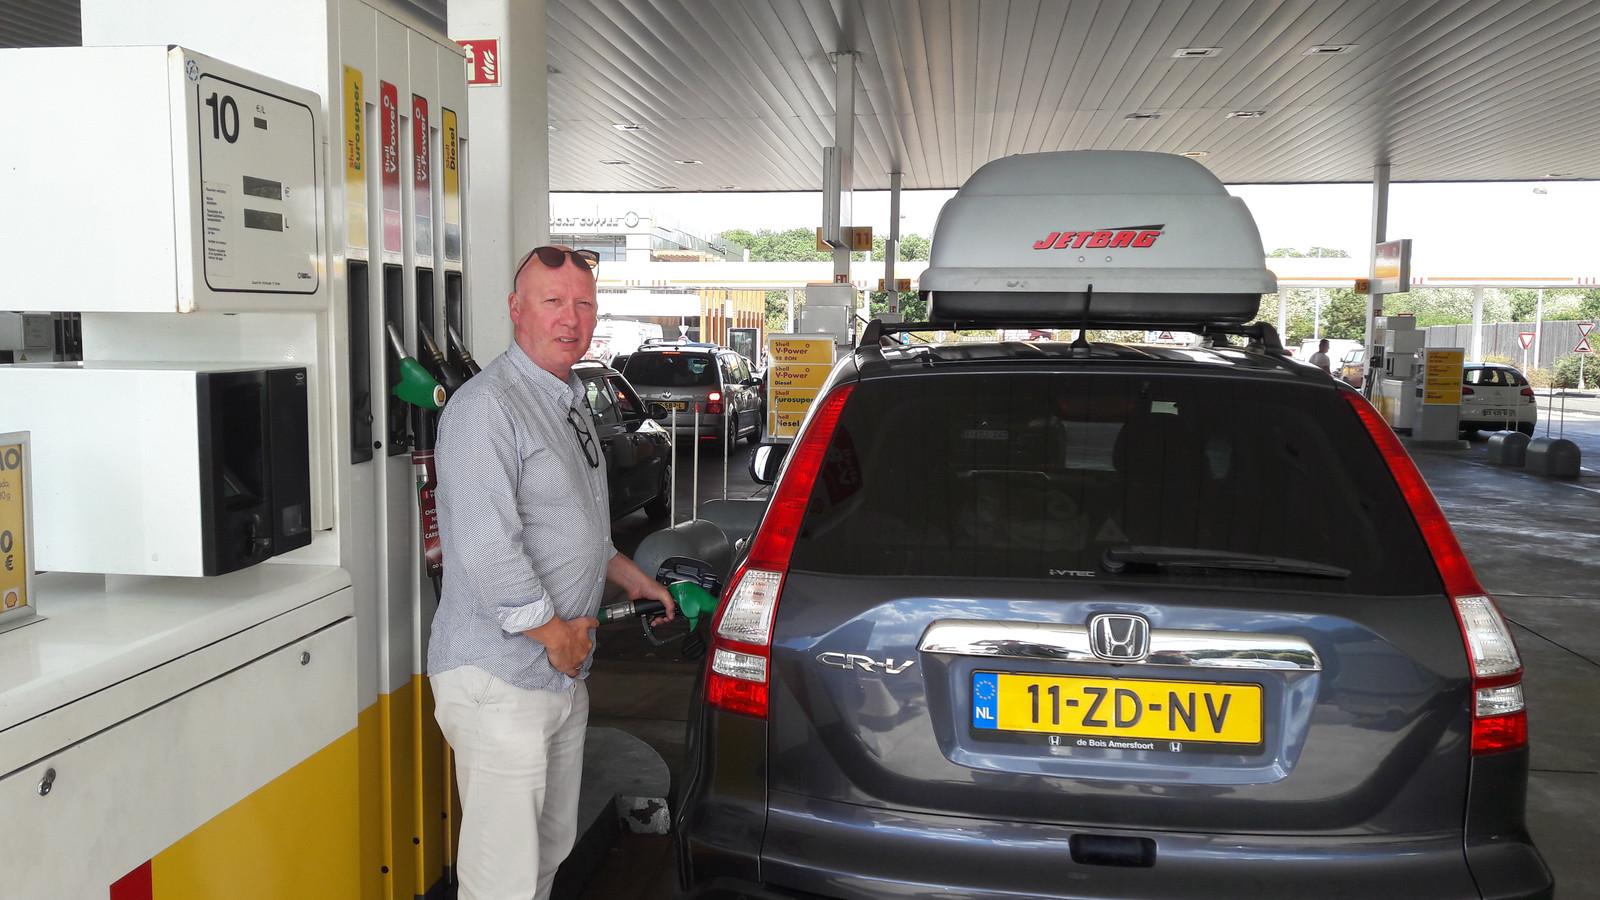 Jon Massop tankt zijn auto goedkoop vol in Berchem